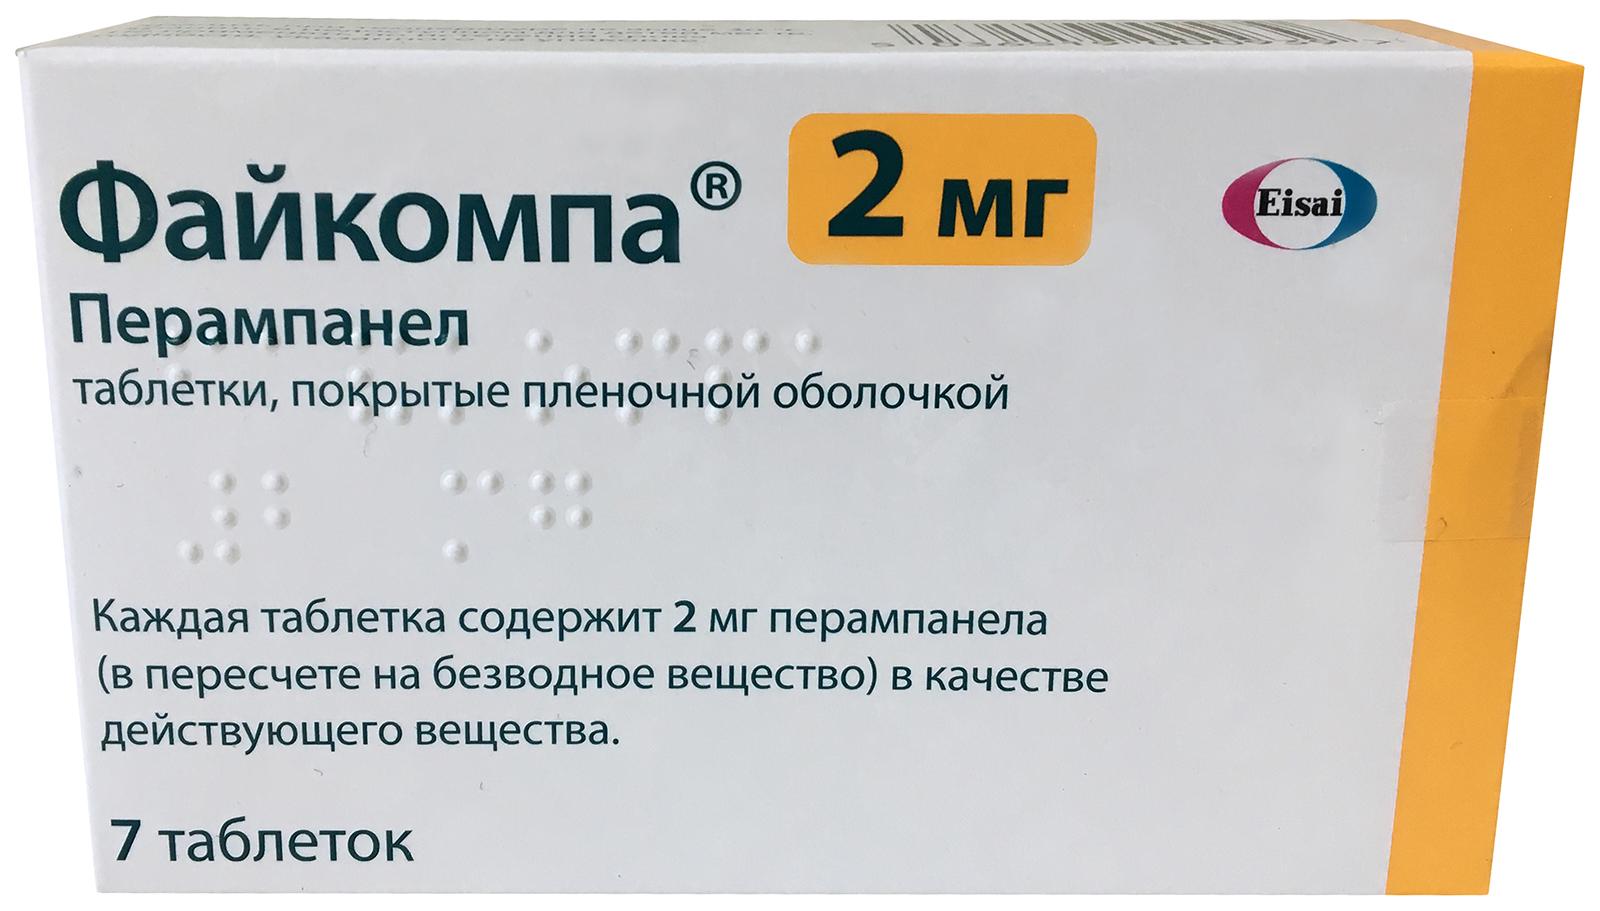 Файкомпа таблетки, покрытые пленочной оболочкой 2